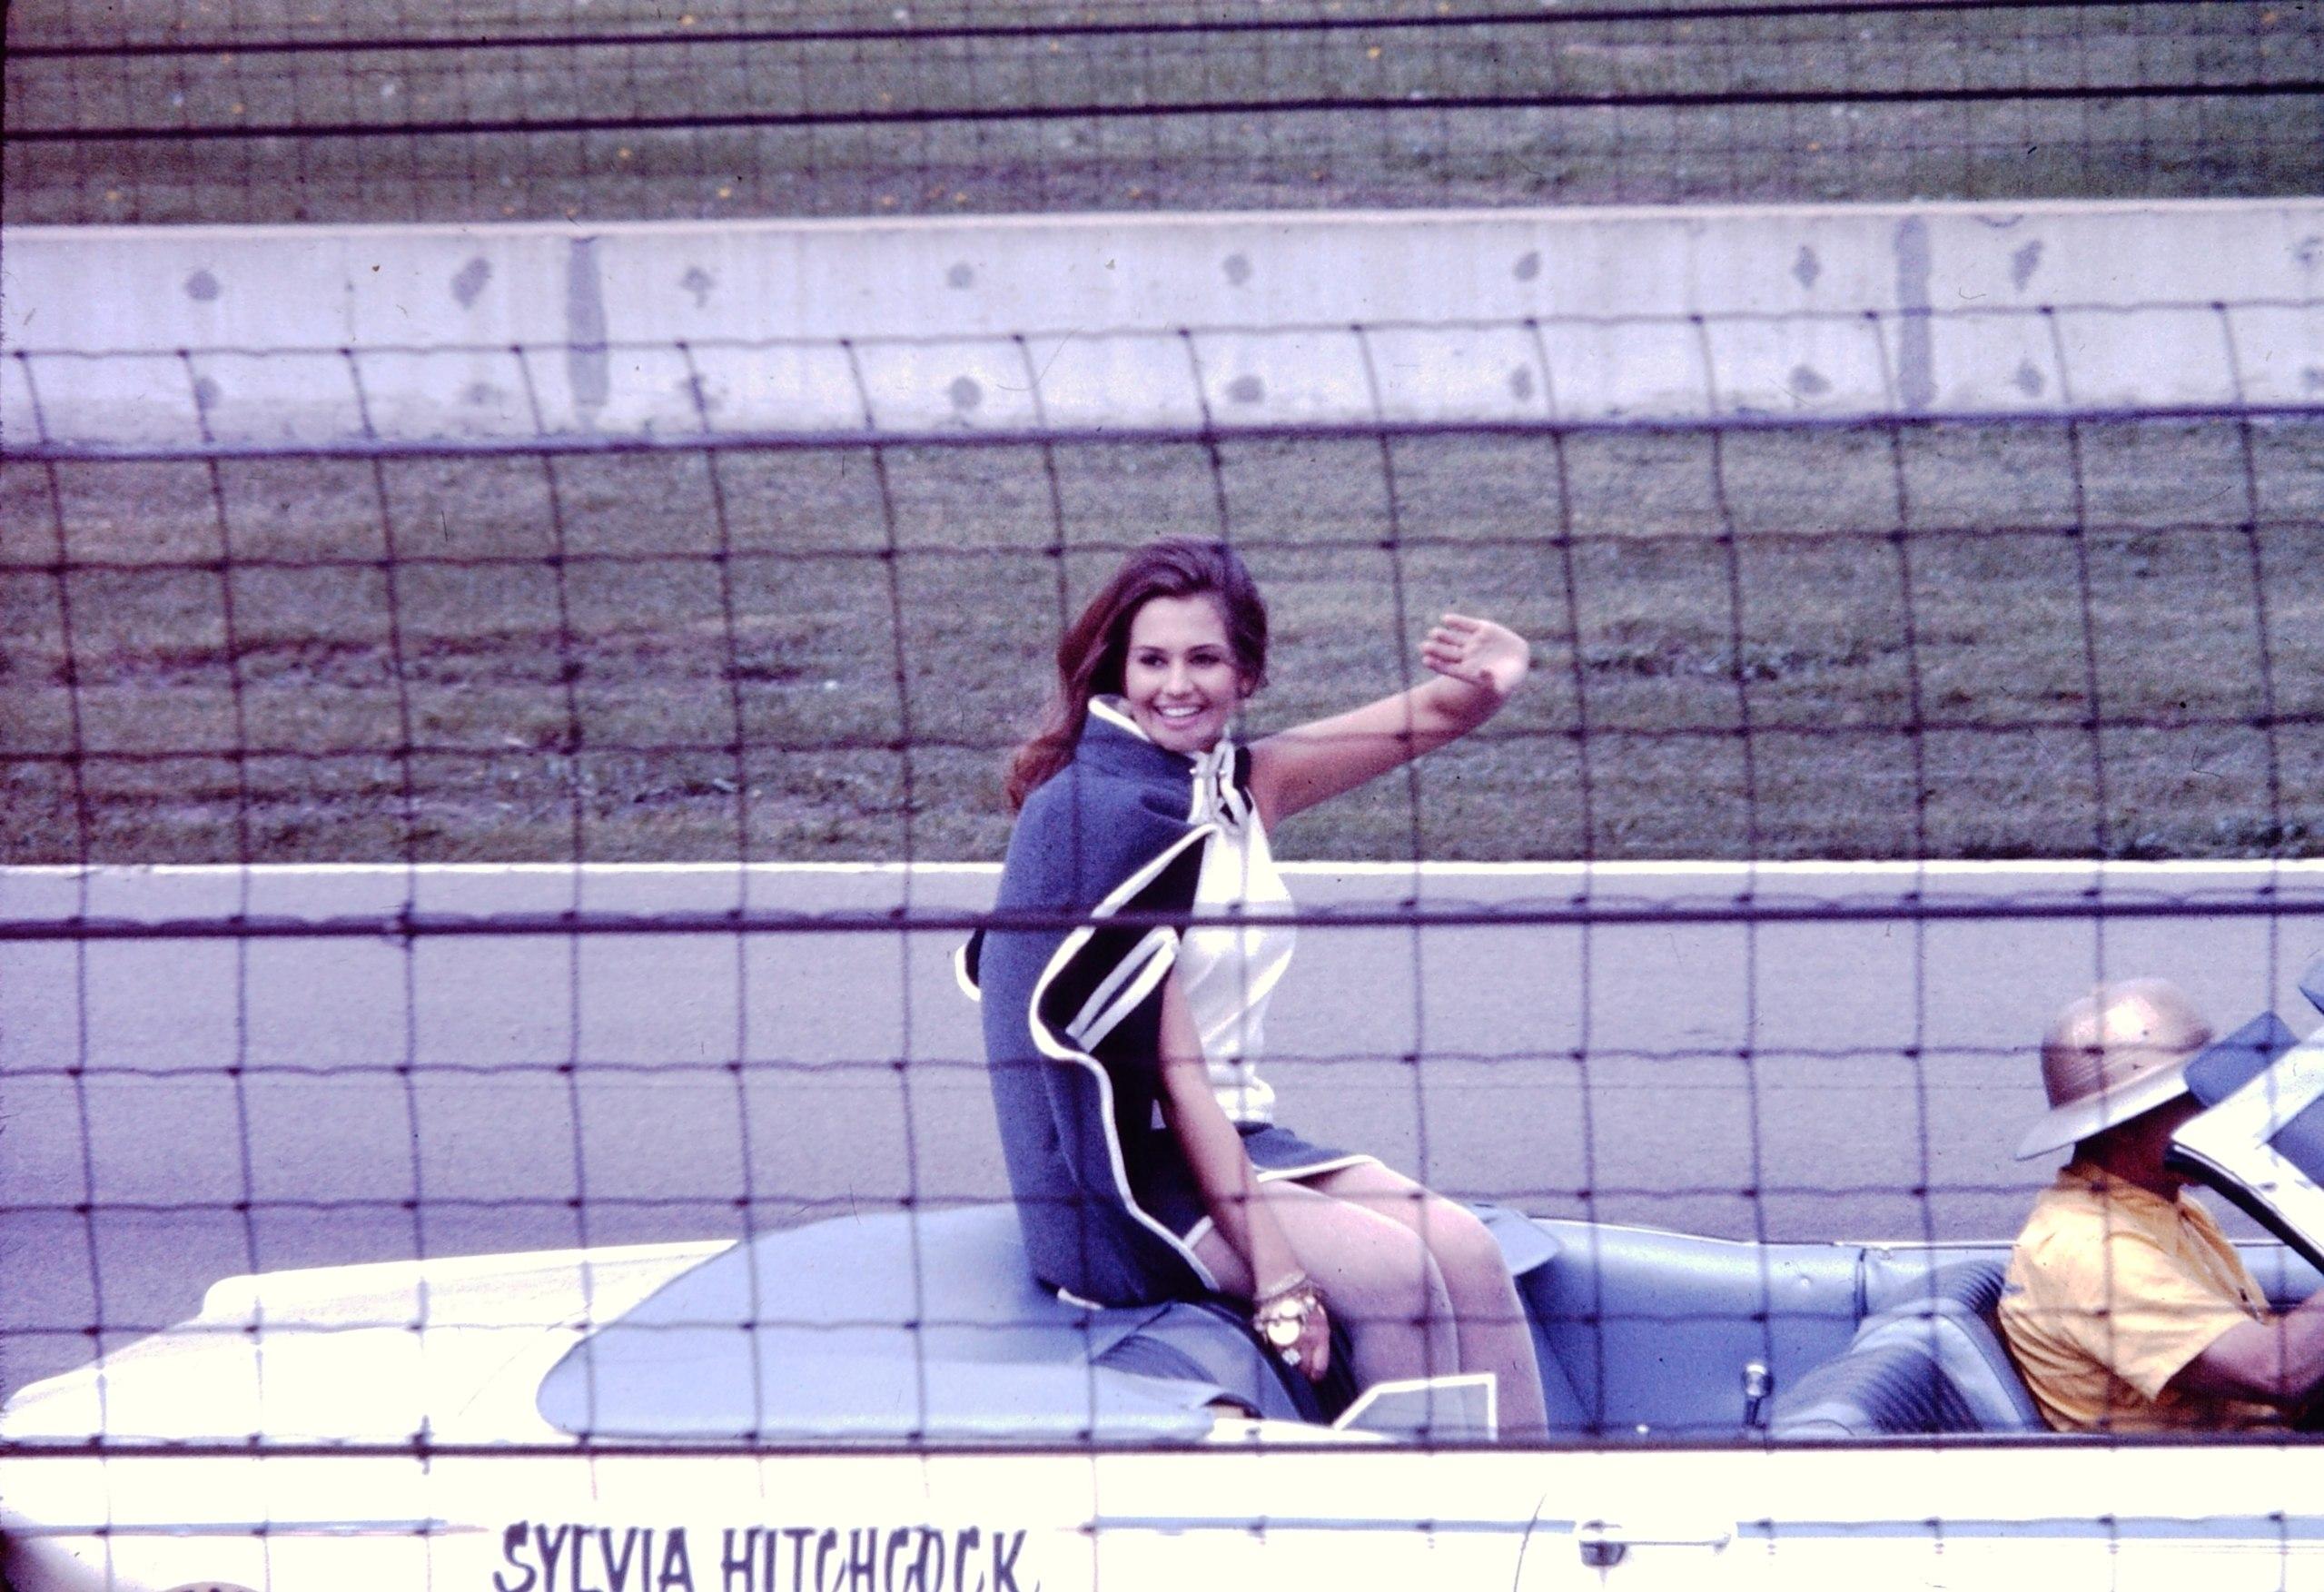 sylvia hitchcock, miss universe 1967. † - Página 3 Sylvia13